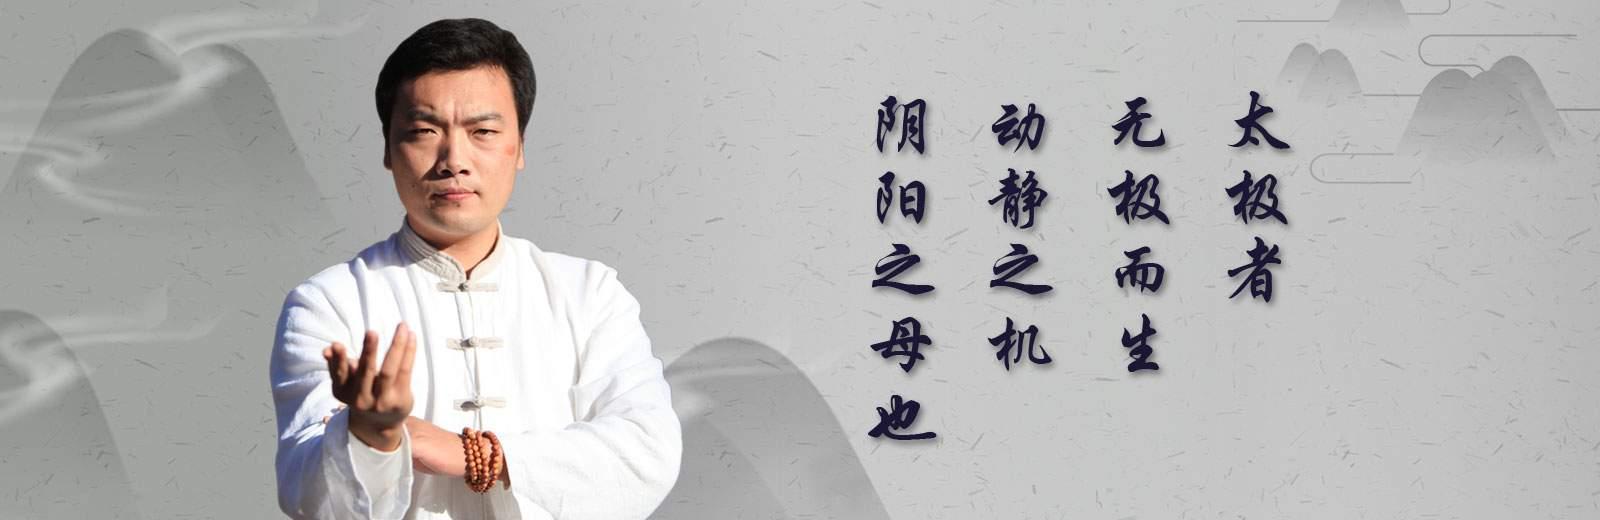 北京陈氏太极拳馆